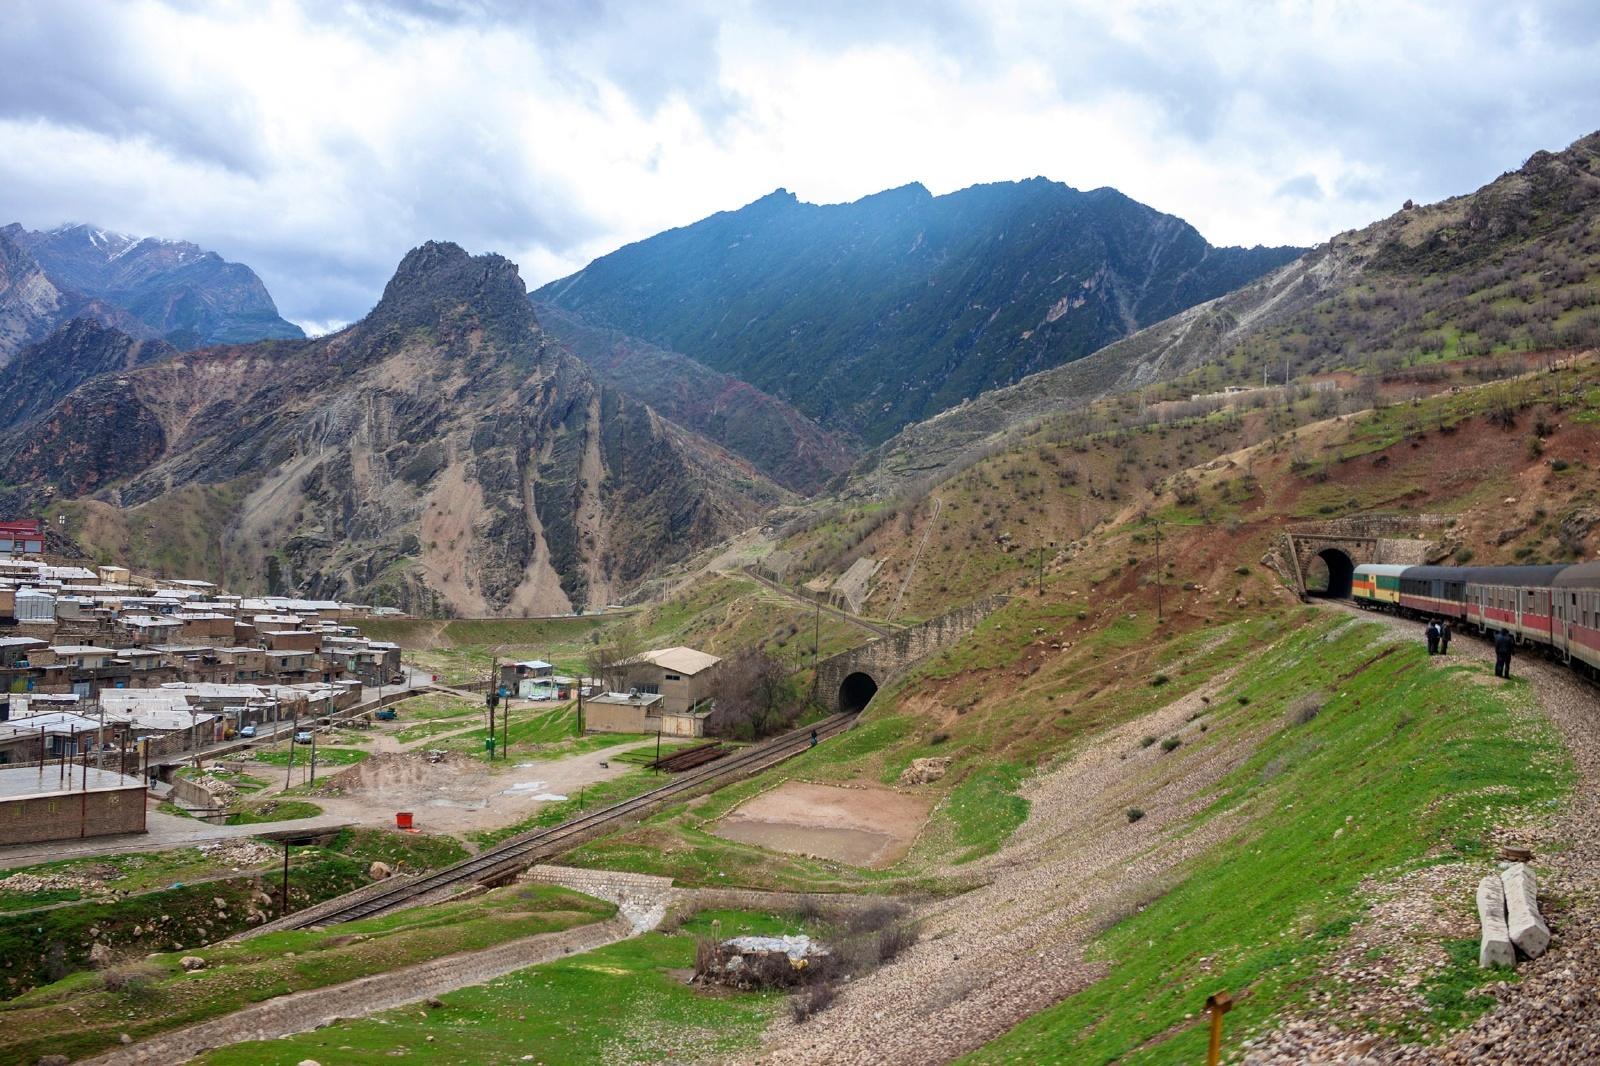 ザグロス山脈の麓の村を行くイランの鉄道 イランの鉄道風景